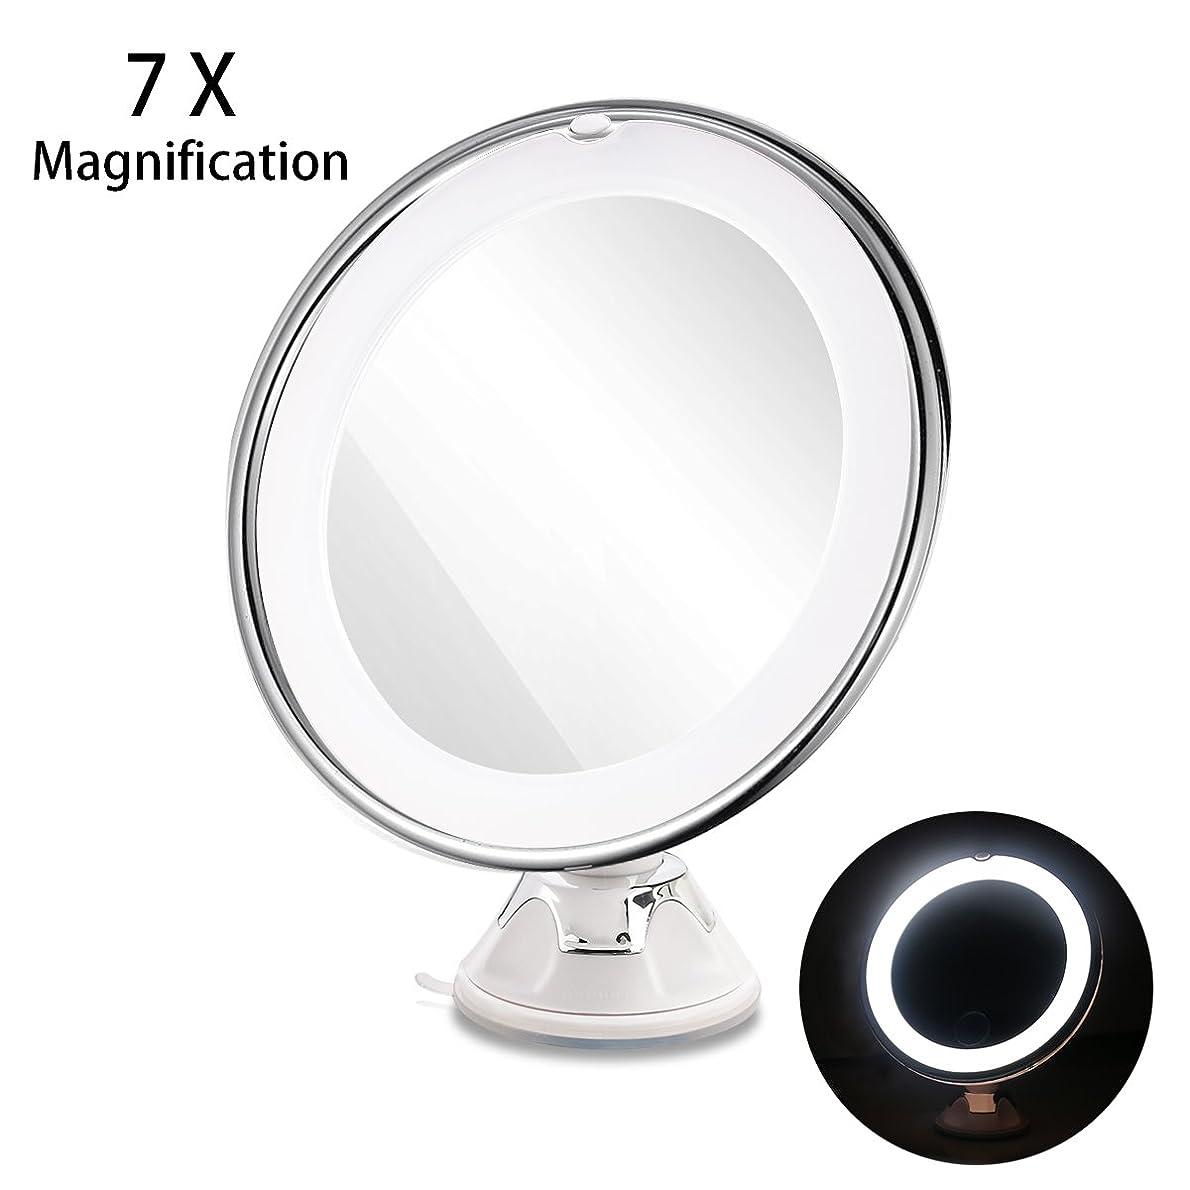 パシフィック記事国際RUIMIO 化粧鏡 メイクアップミラー 7倍拡大鏡 LED化粧鏡 円型 浴室鏡 卓上鏡 強力吸盤ロック付き 壁掛けメイクミラー 360度回転スタンドミラー 電池式(ついてません)